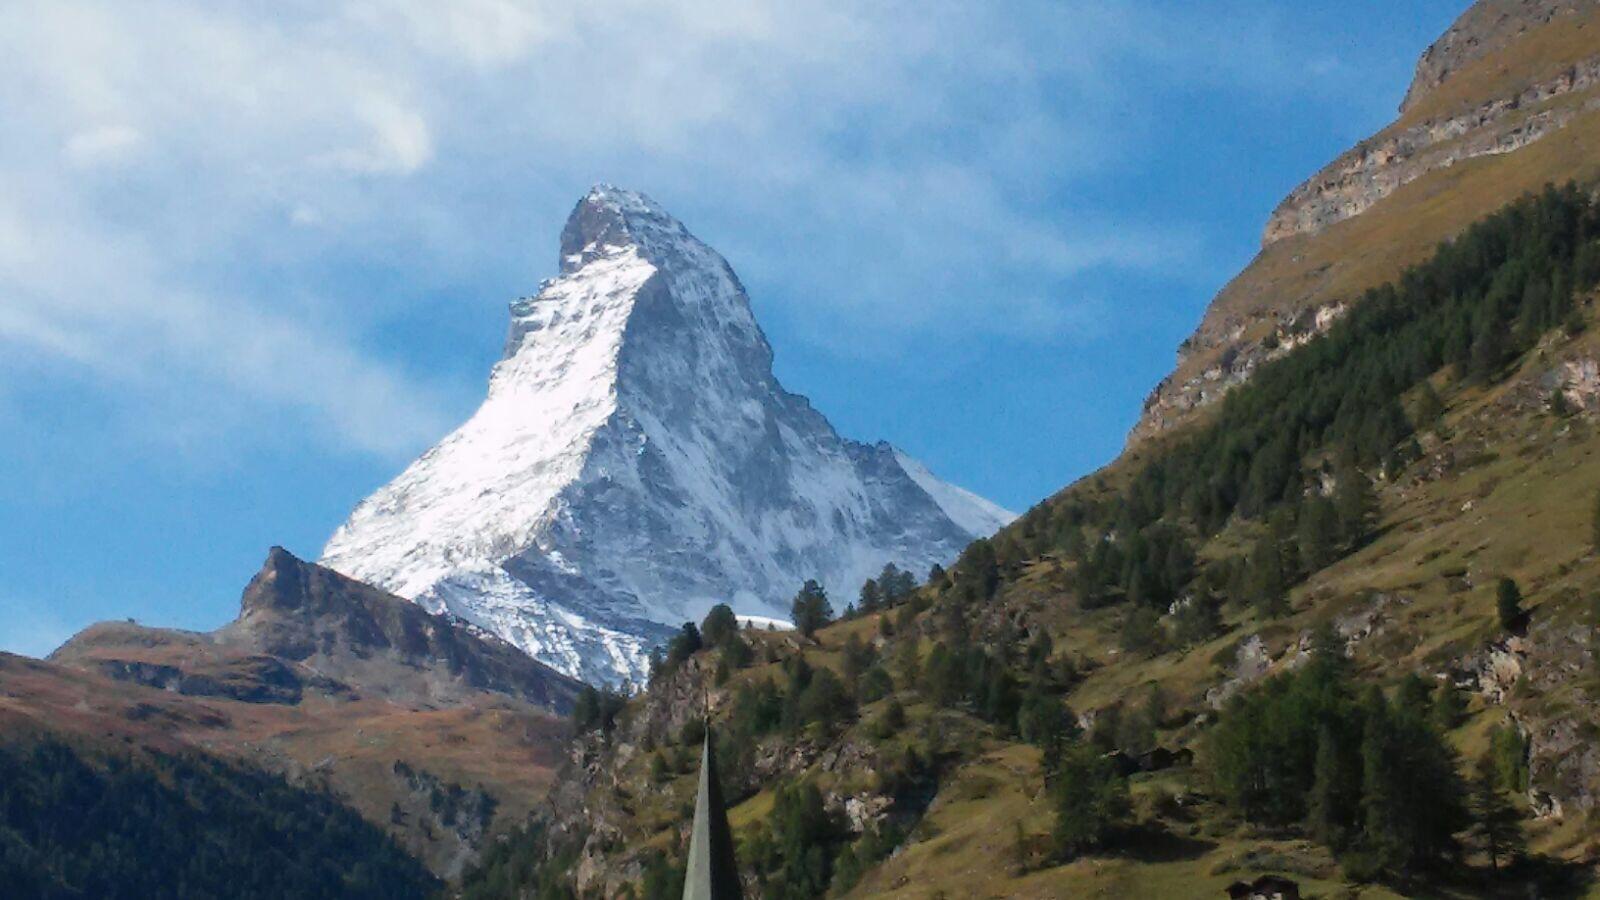 Kalt und Frostig auf dem Weg nach Zermatt